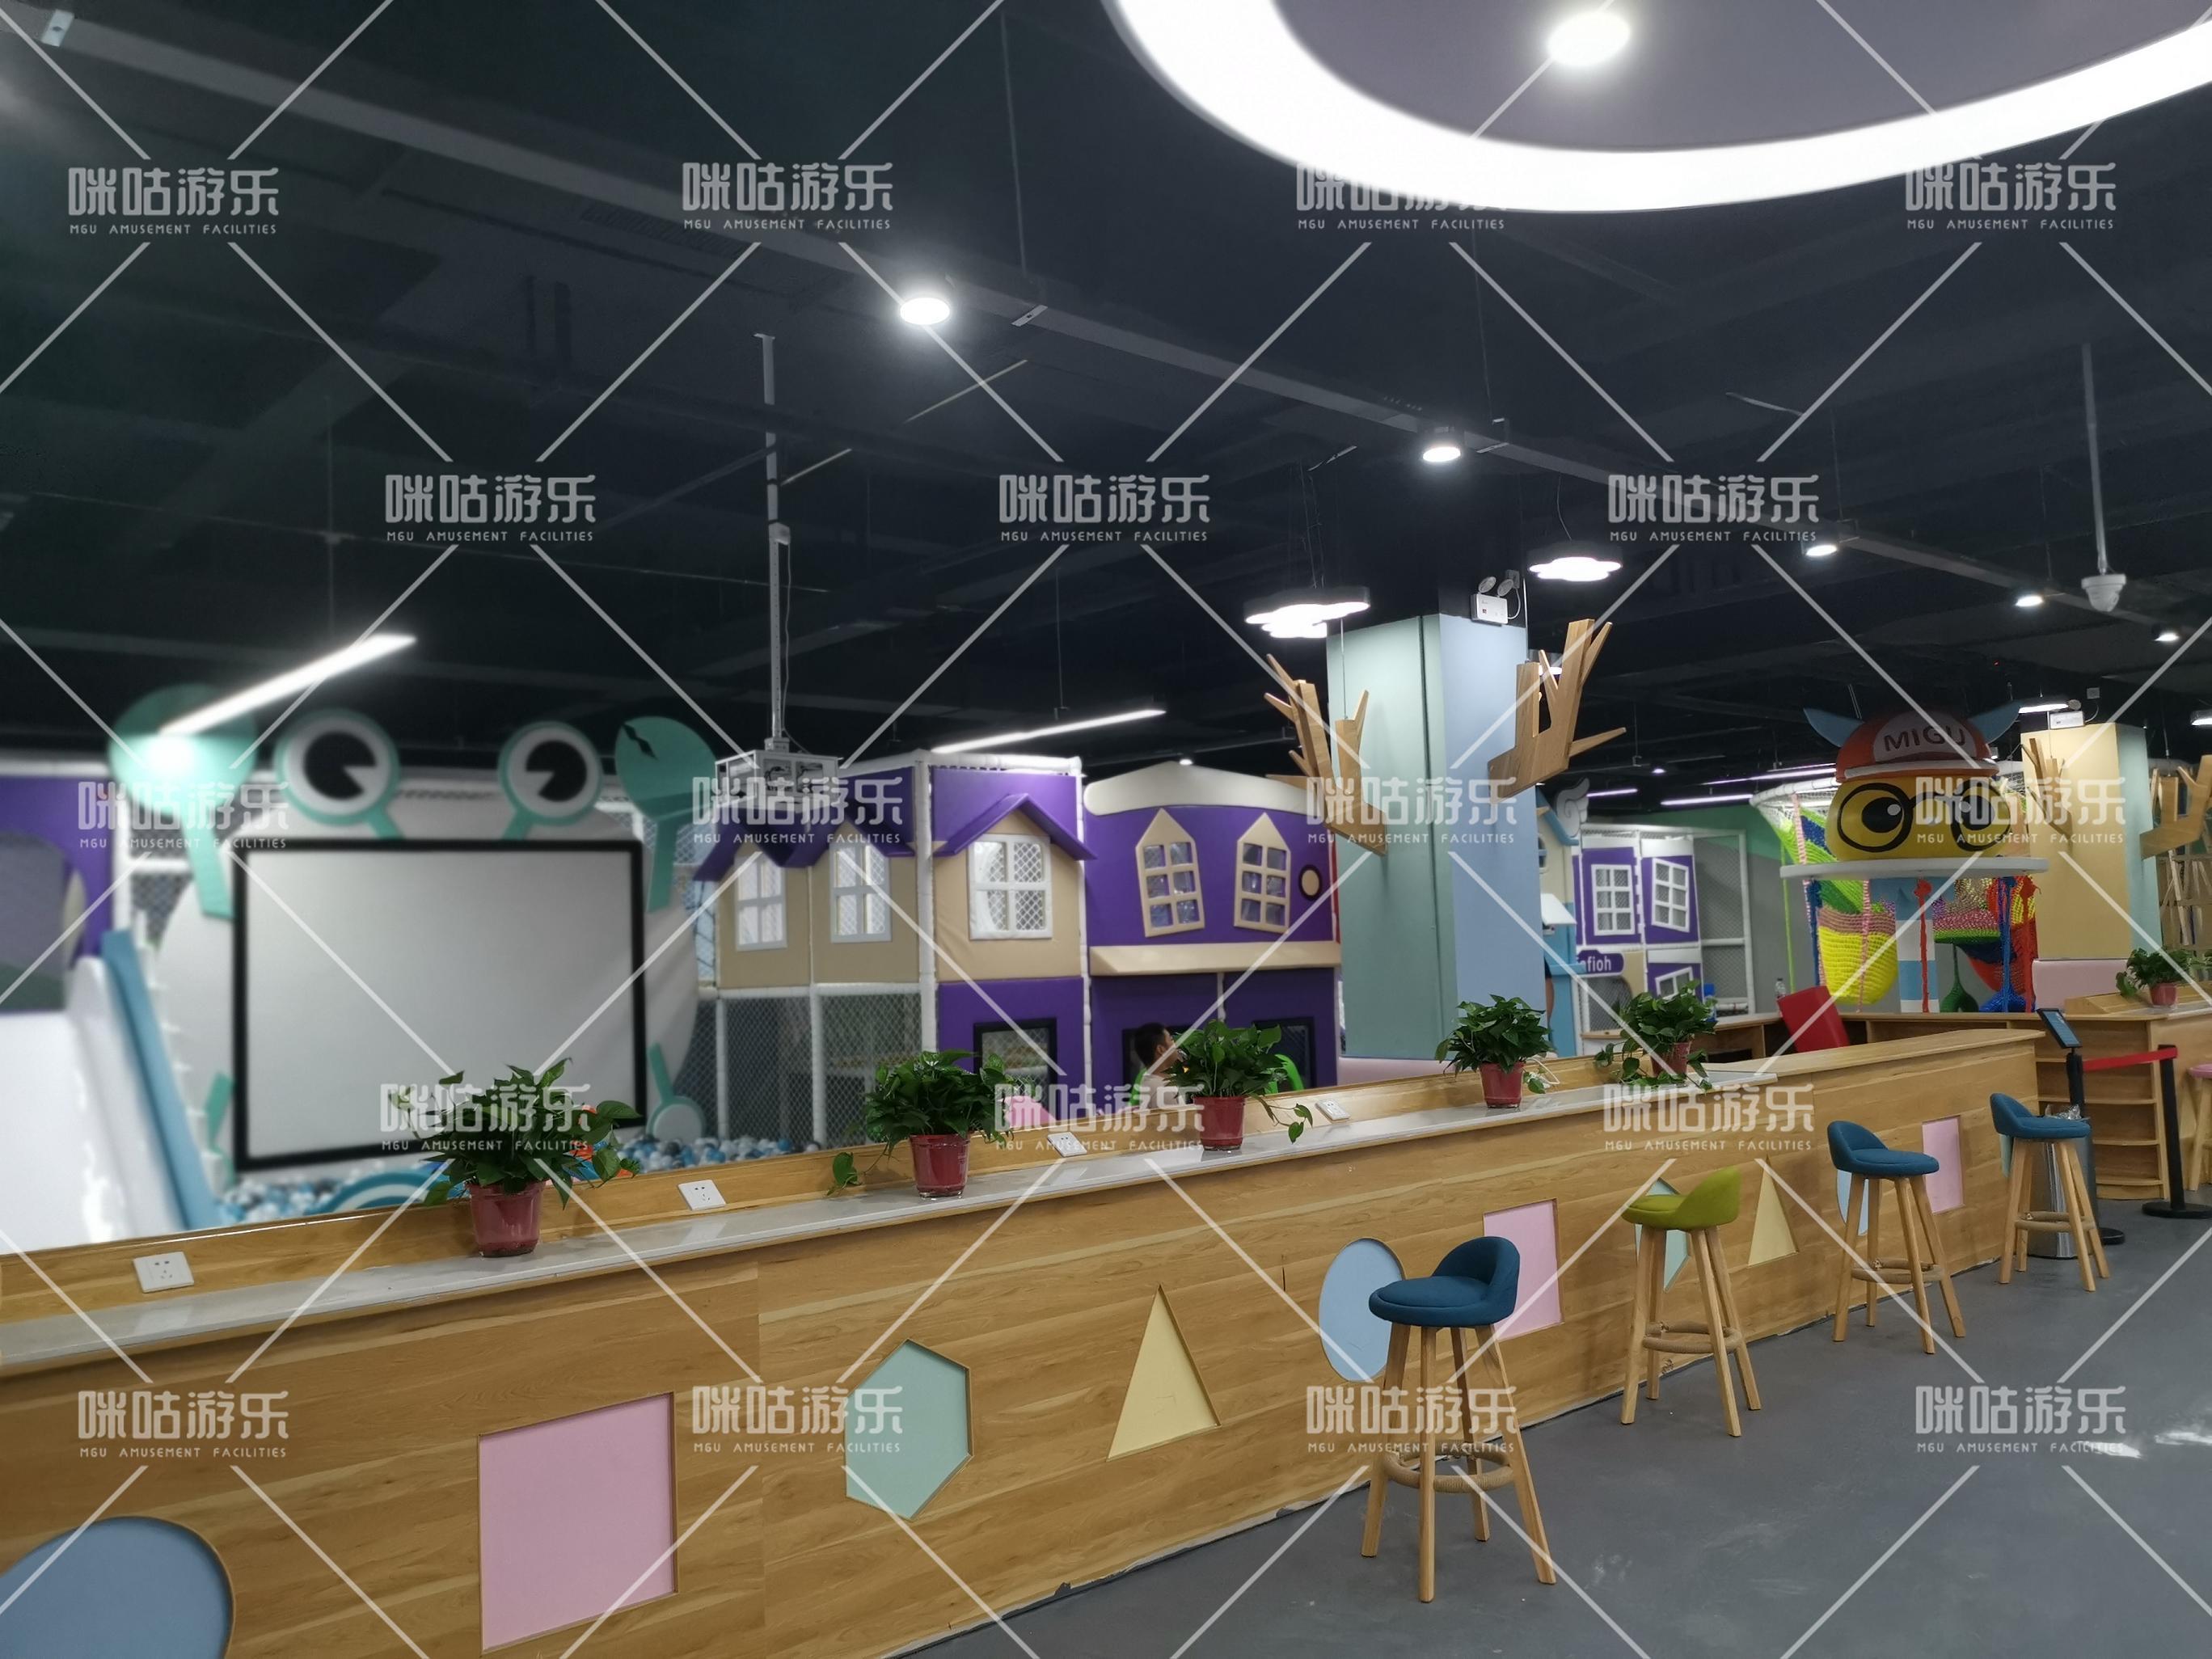 微信图片_20200429155902.jpg 运城儿童乐园选什么设备呢? 加盟资讯 游乐设备第1张